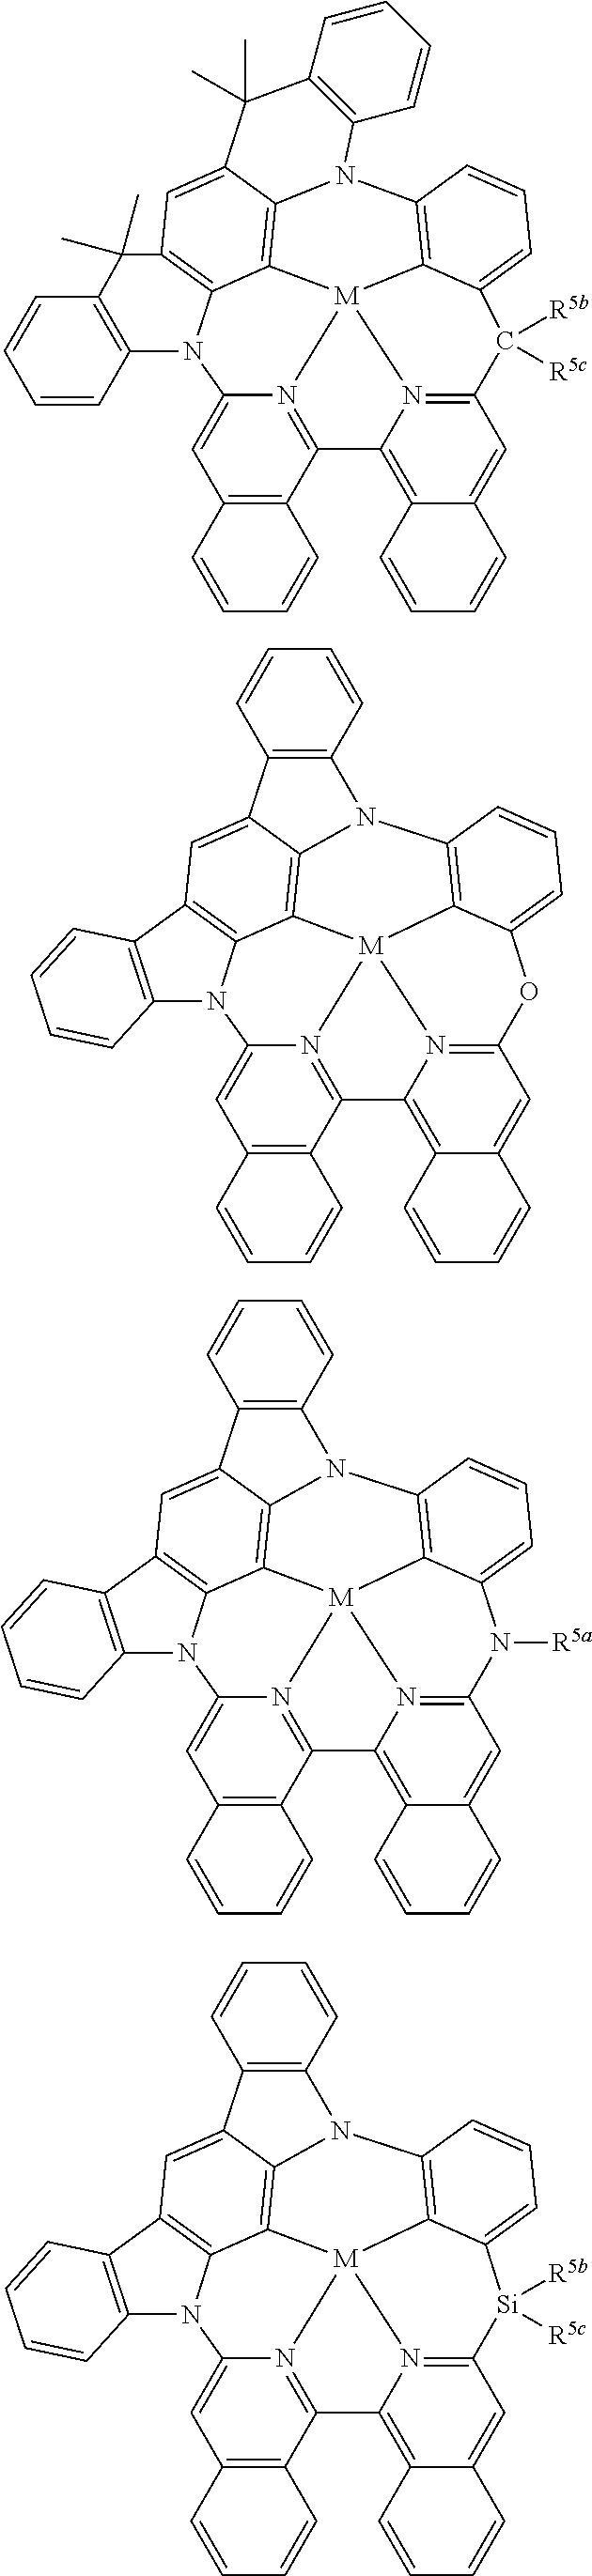 Figure US10158091-20181218-C00286